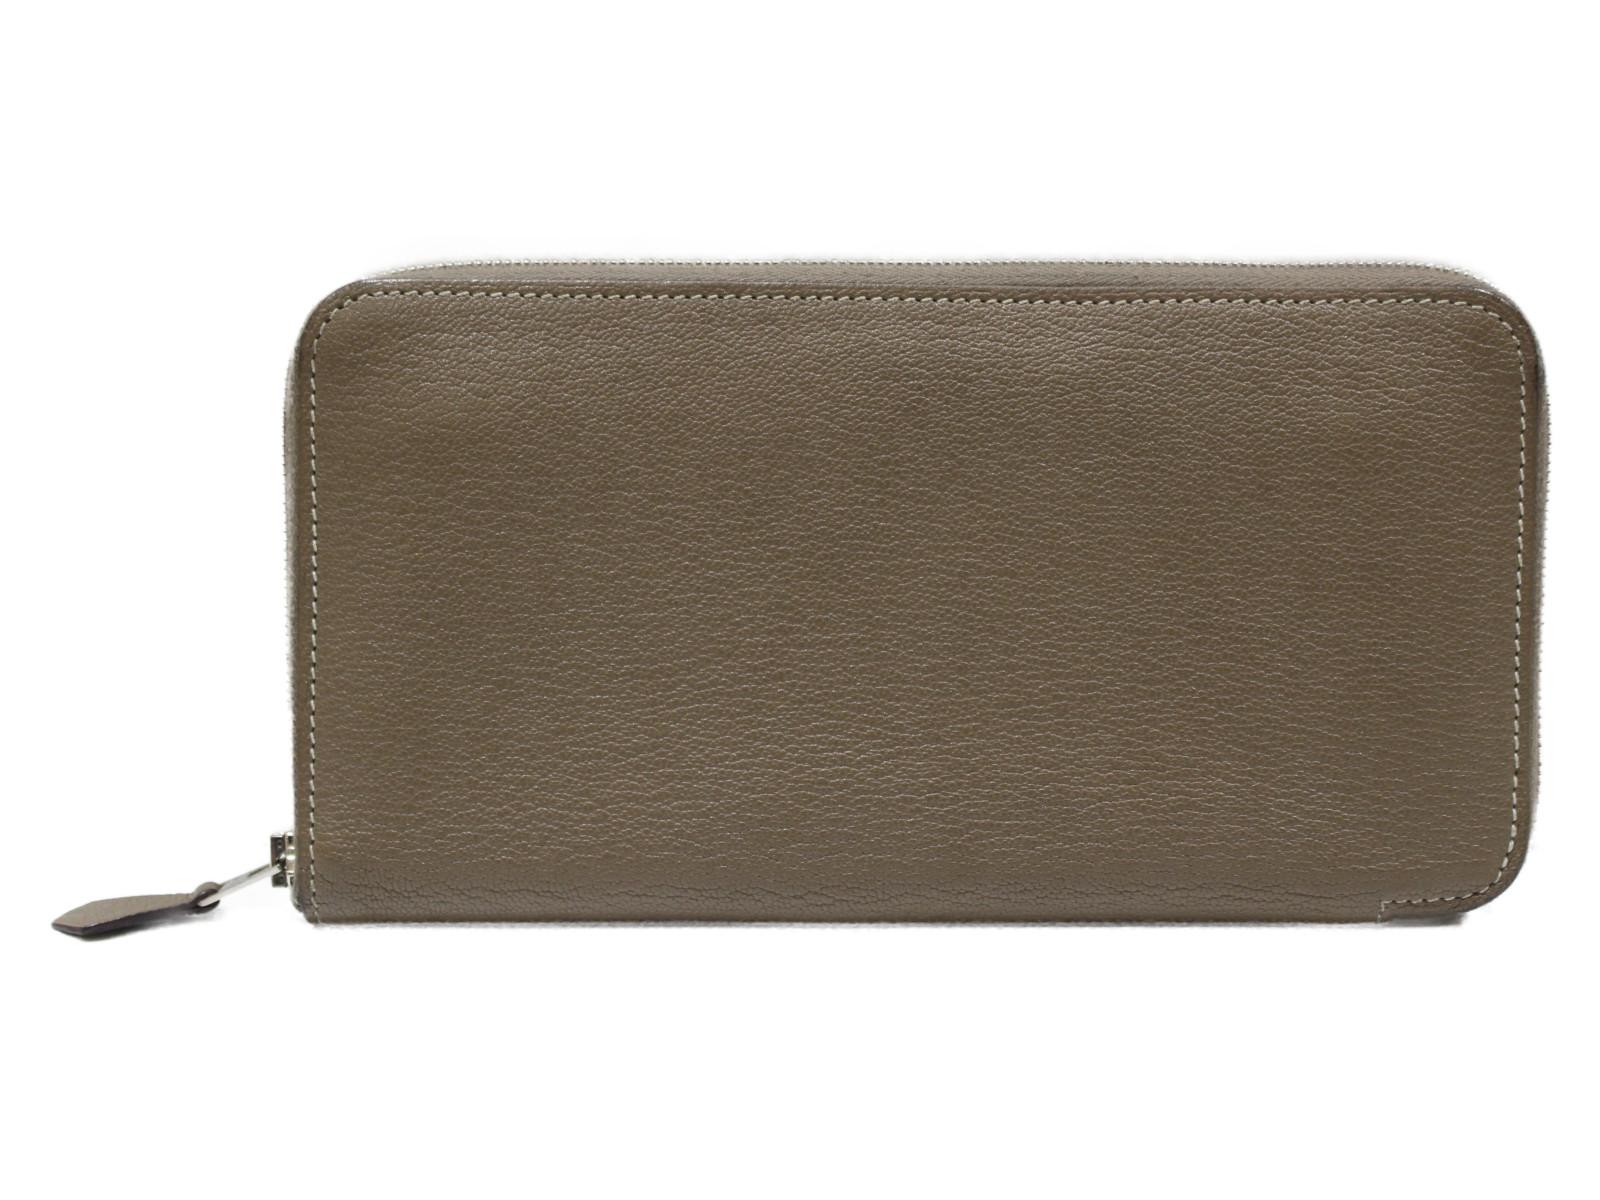 【箱あり】HERMES アザップロング ベージュ系 2015年製造 レディース メンズ 長財布 ウォレット シンプル プレゼント包装可 【中古】